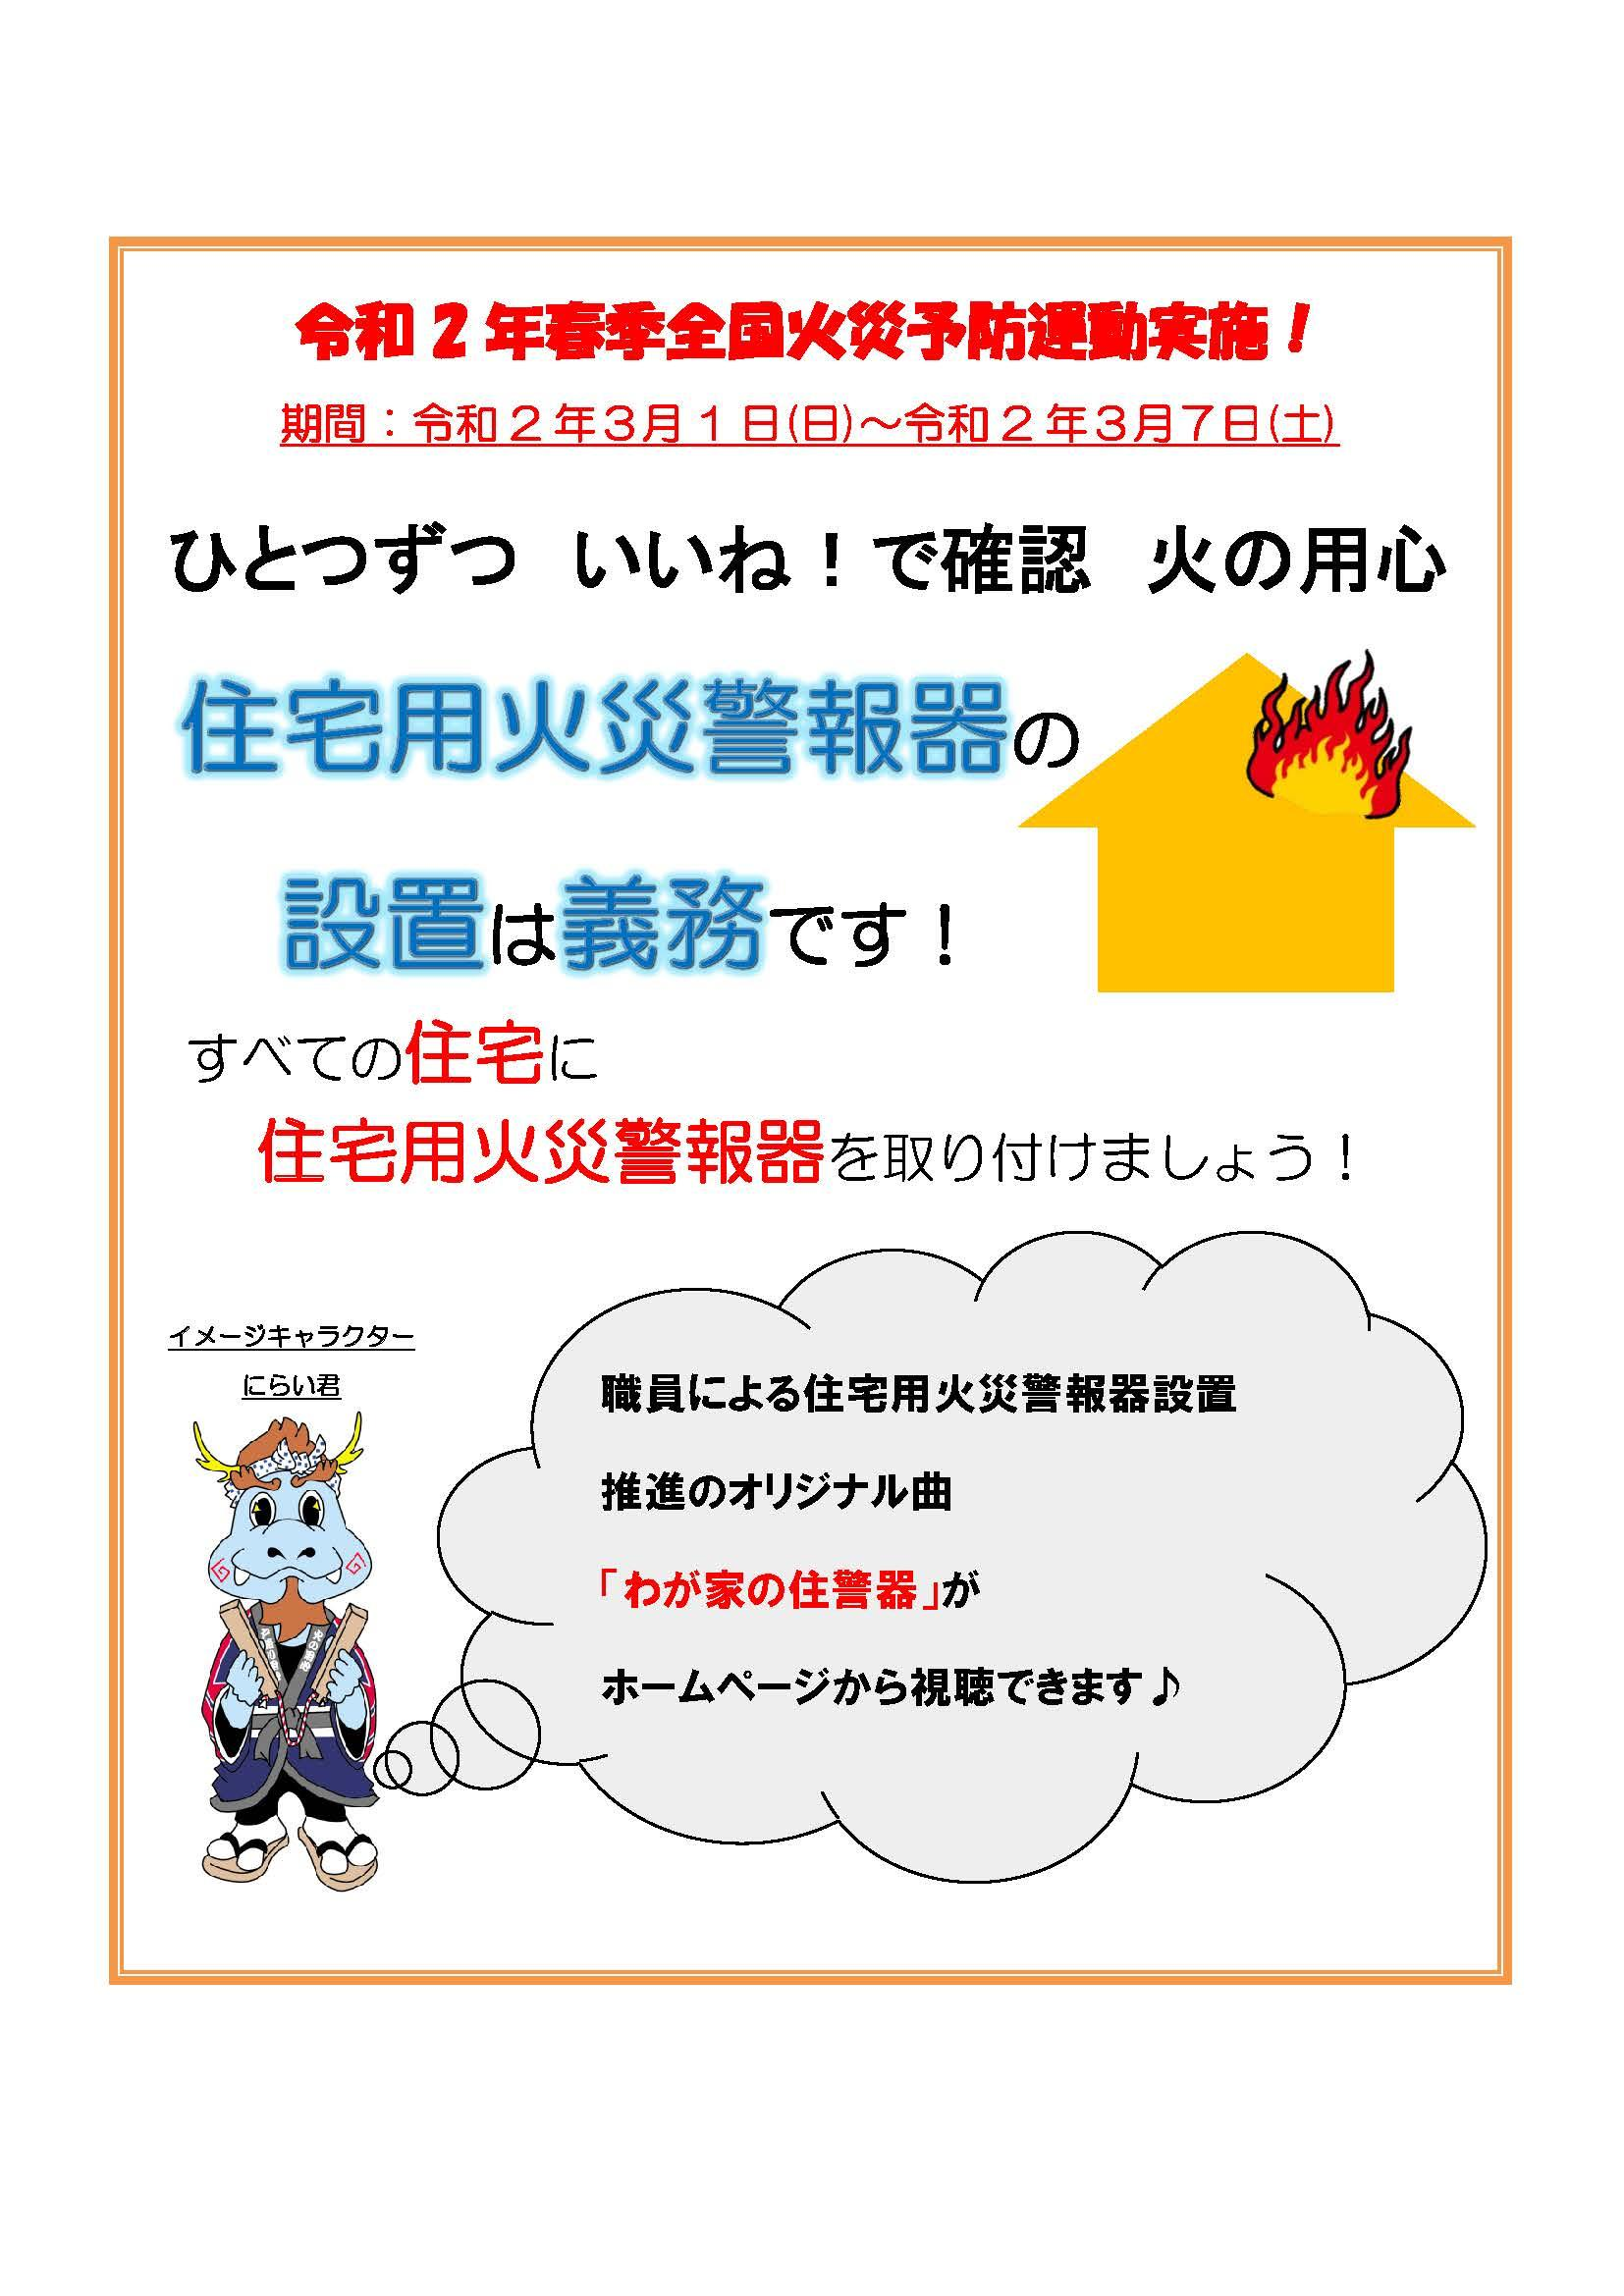 R02_火災予防運動広報記事(原稿).jpg